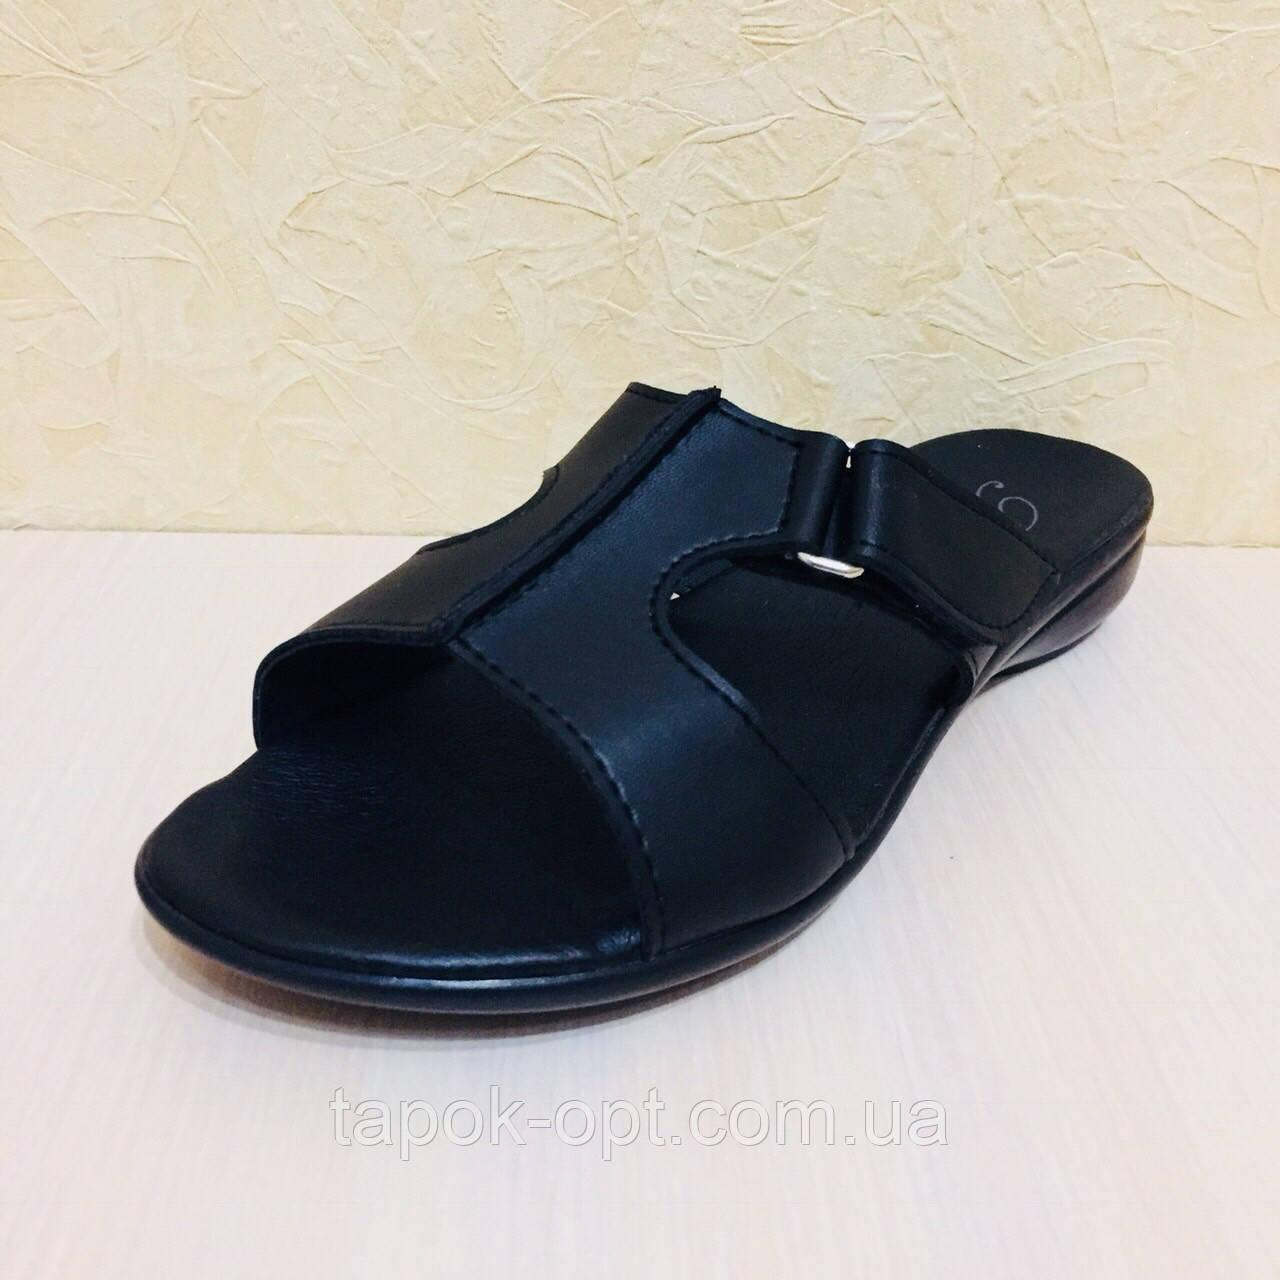 6ddf3d4ca Шлепки женские кожаные Белста , цена 150 грн., купить в Житомире — Prom.ua  (ID#707207291)